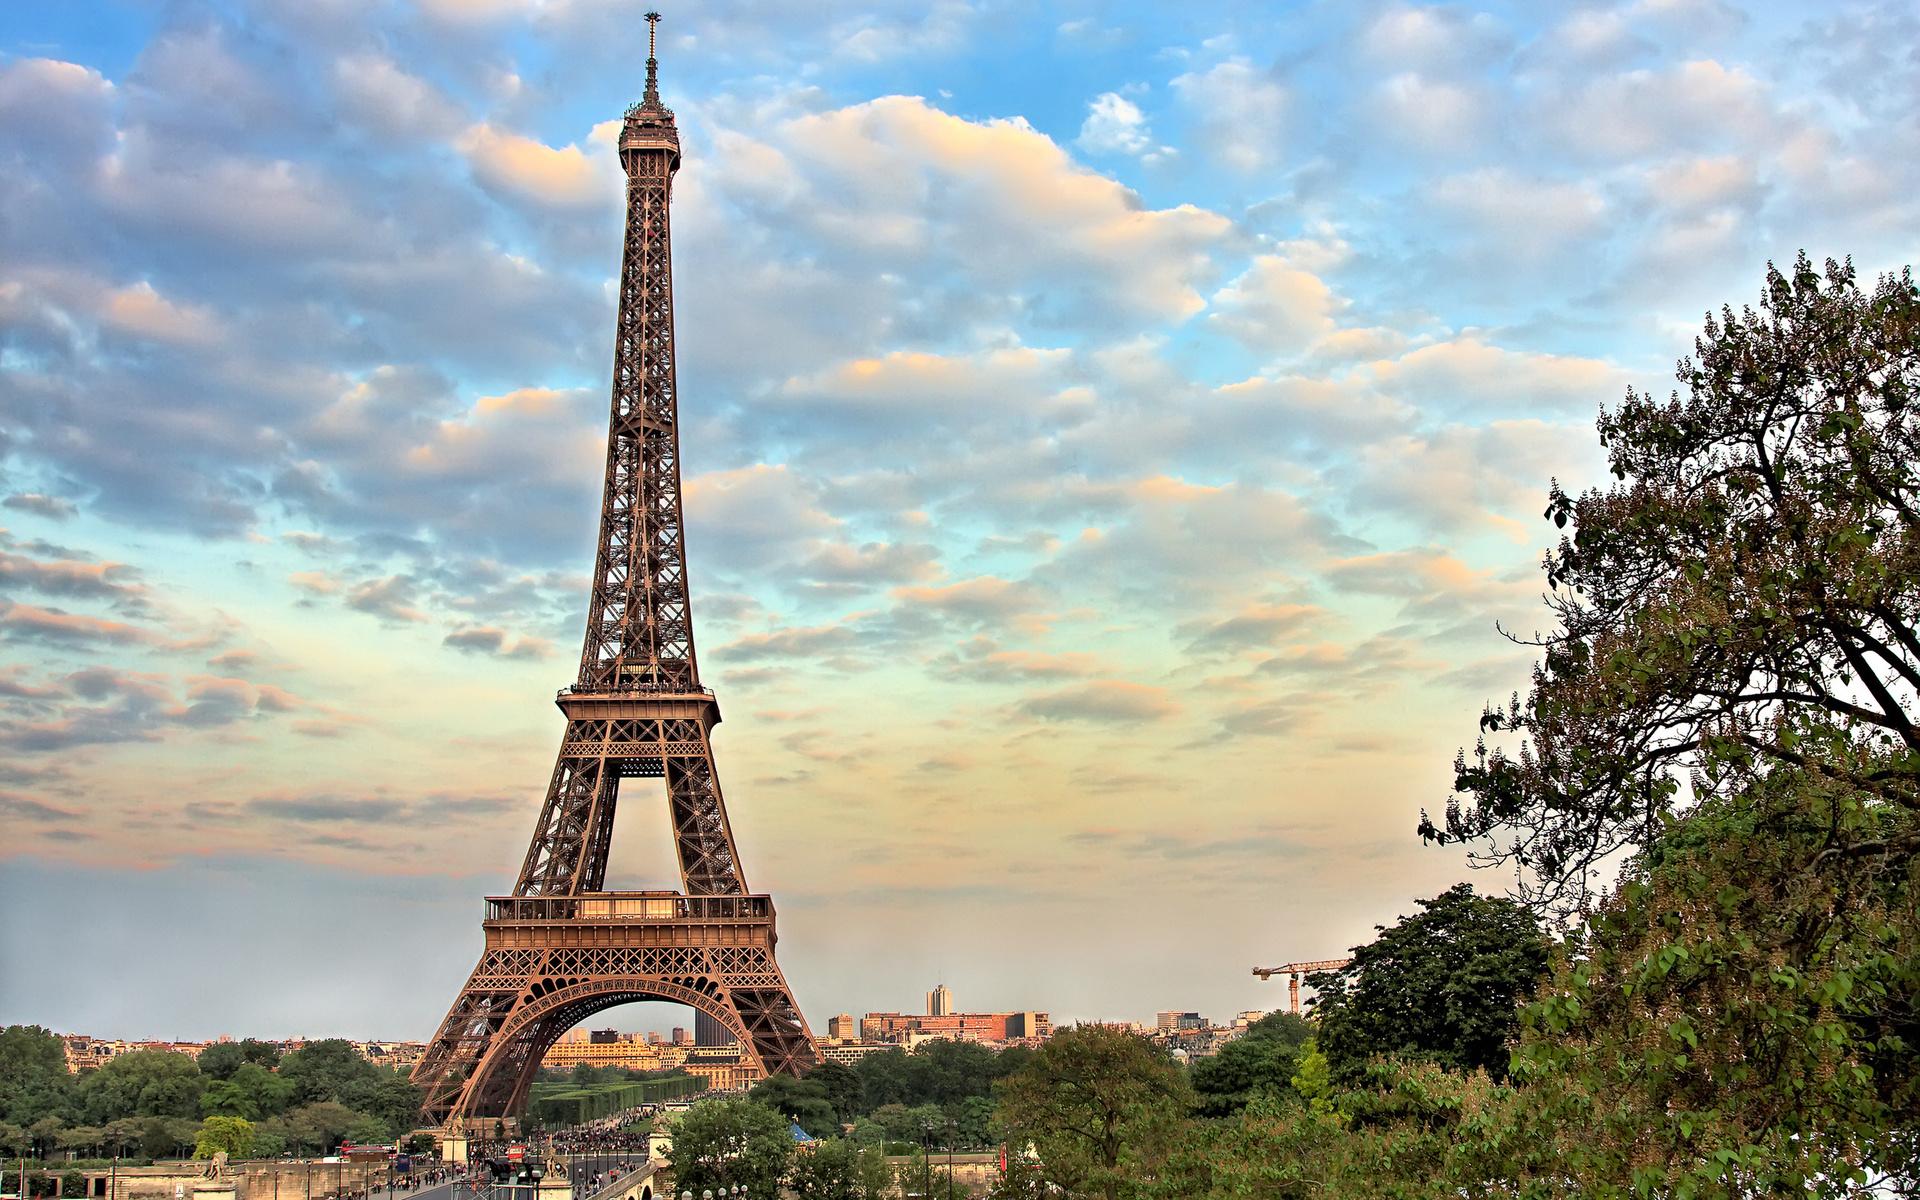 современного франция все о франции картинки потерпевших потребуют